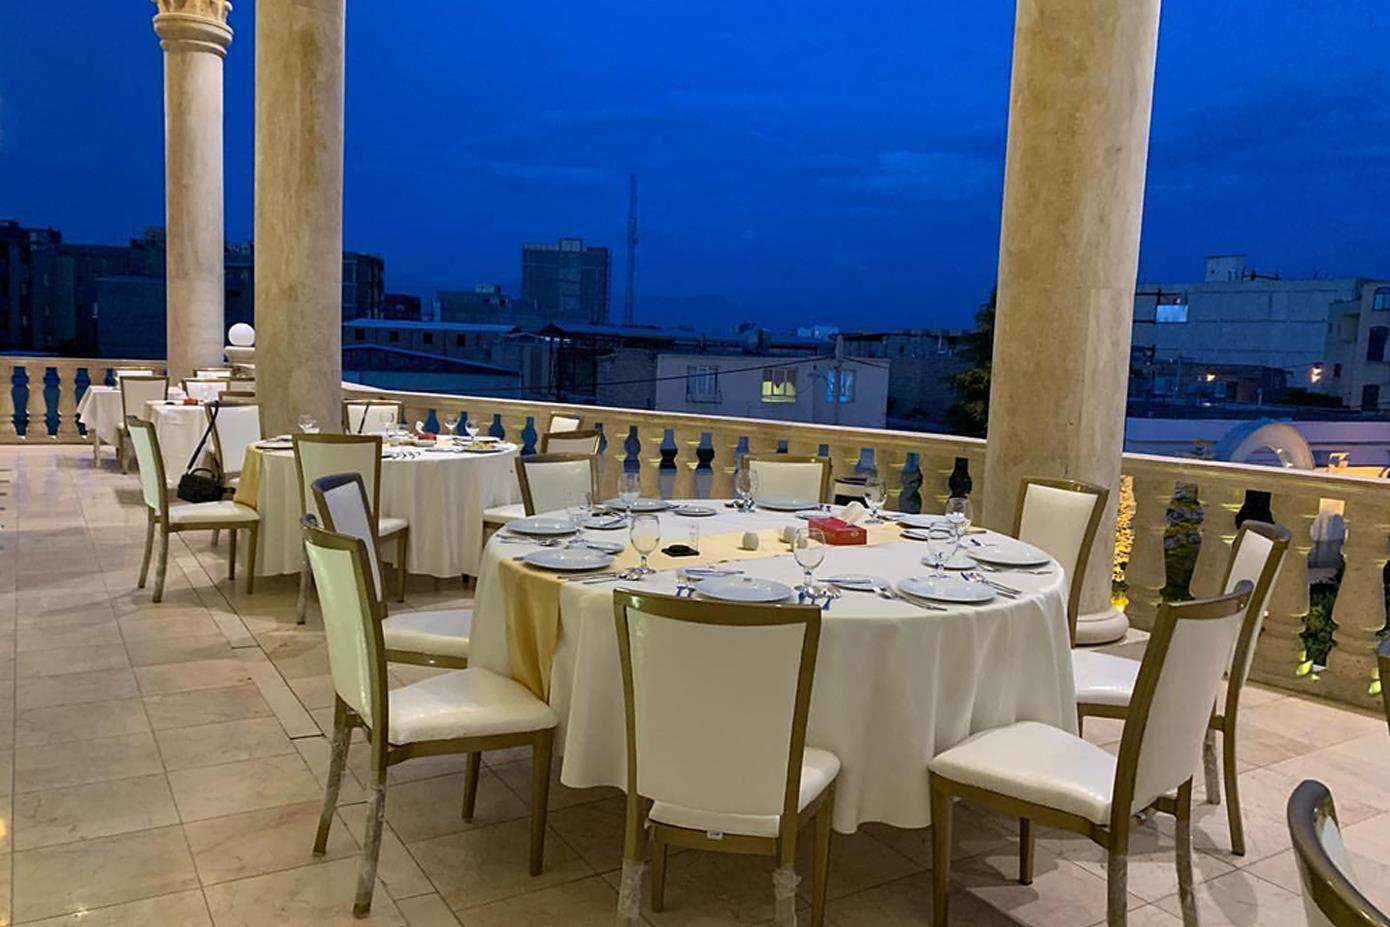 باغ رستوران بهرامی باغ رستوران بهرامی کرمان